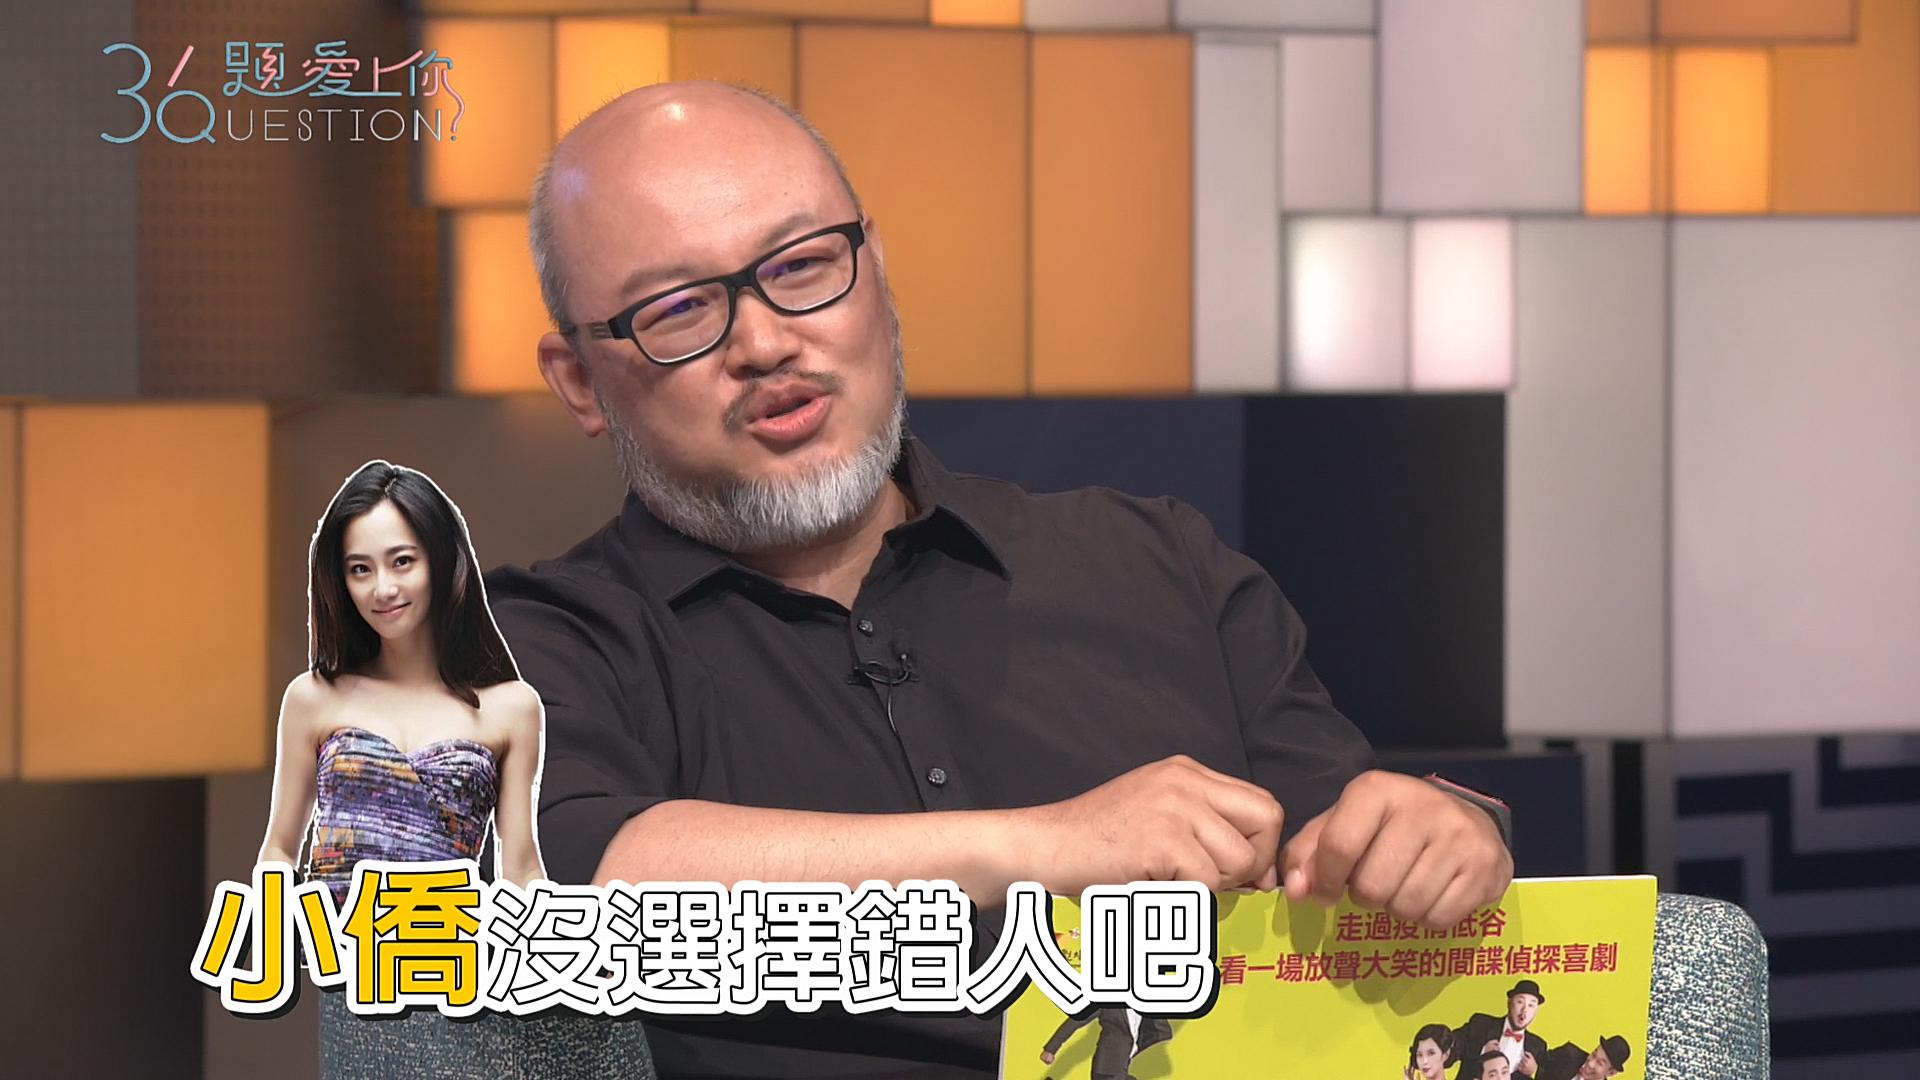 劉亮佐娶趙小僑被酸「美女與野獸」炎亞綸:他們什麼東西?!【36題愛上你 ep19 精彩花絮】